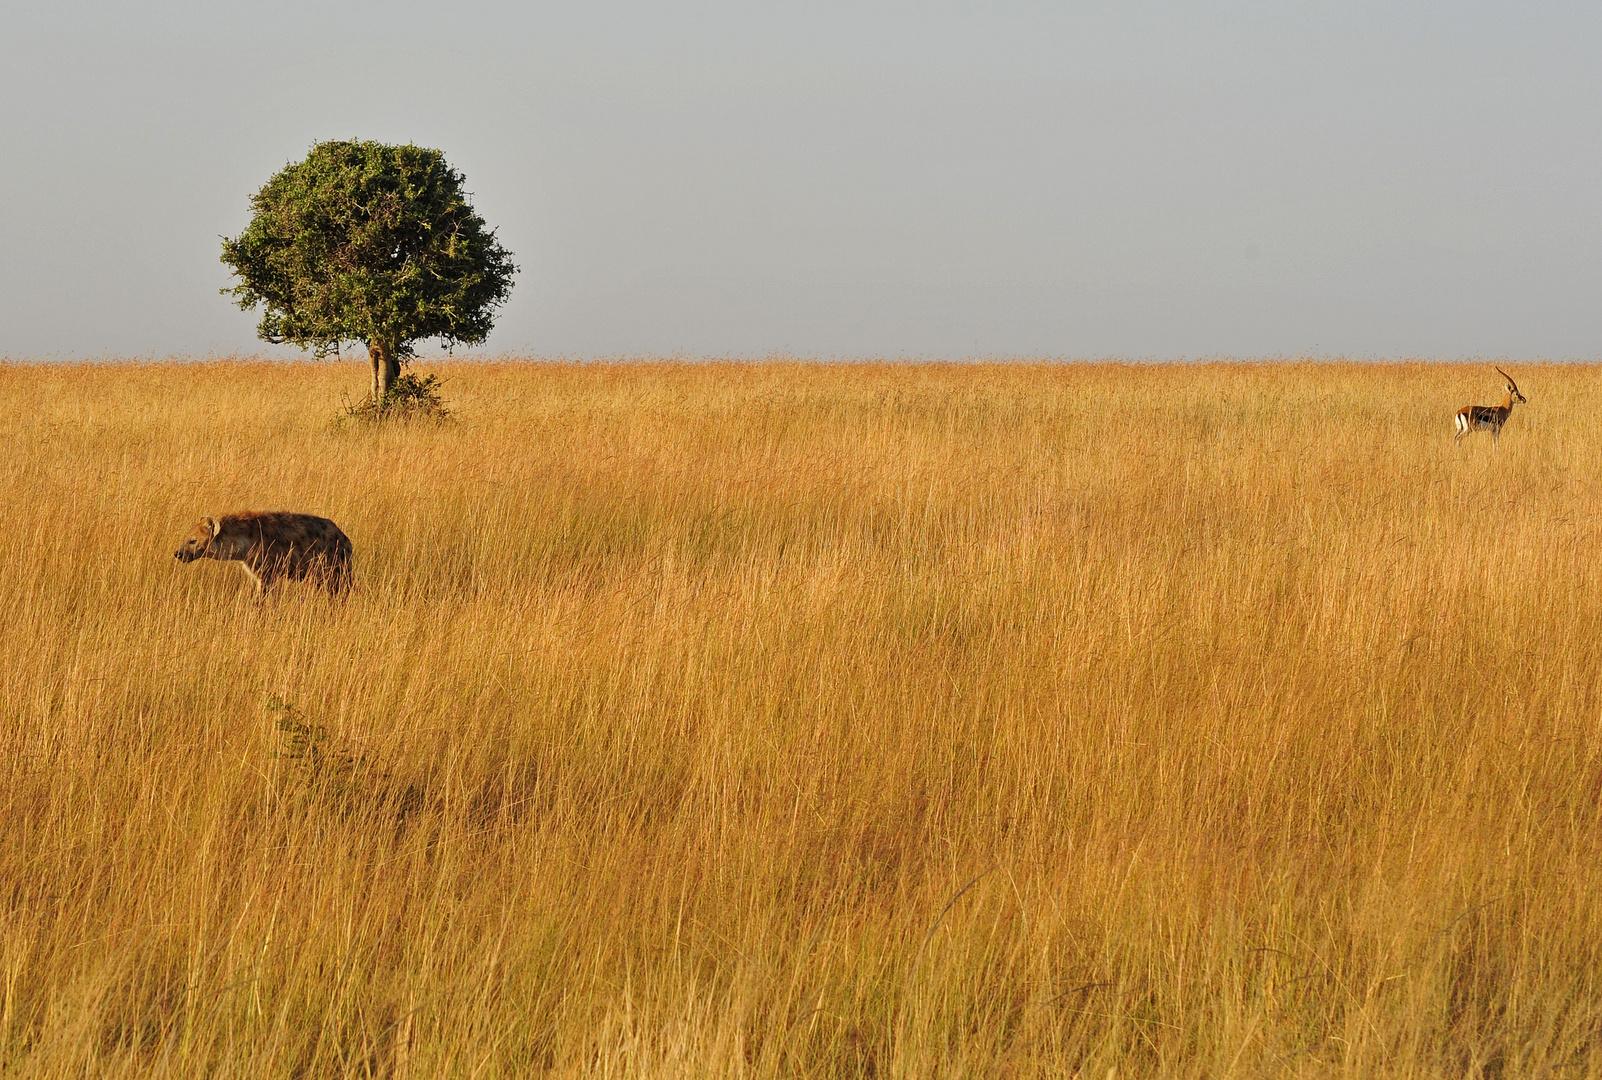 Hyäne auf der Suche